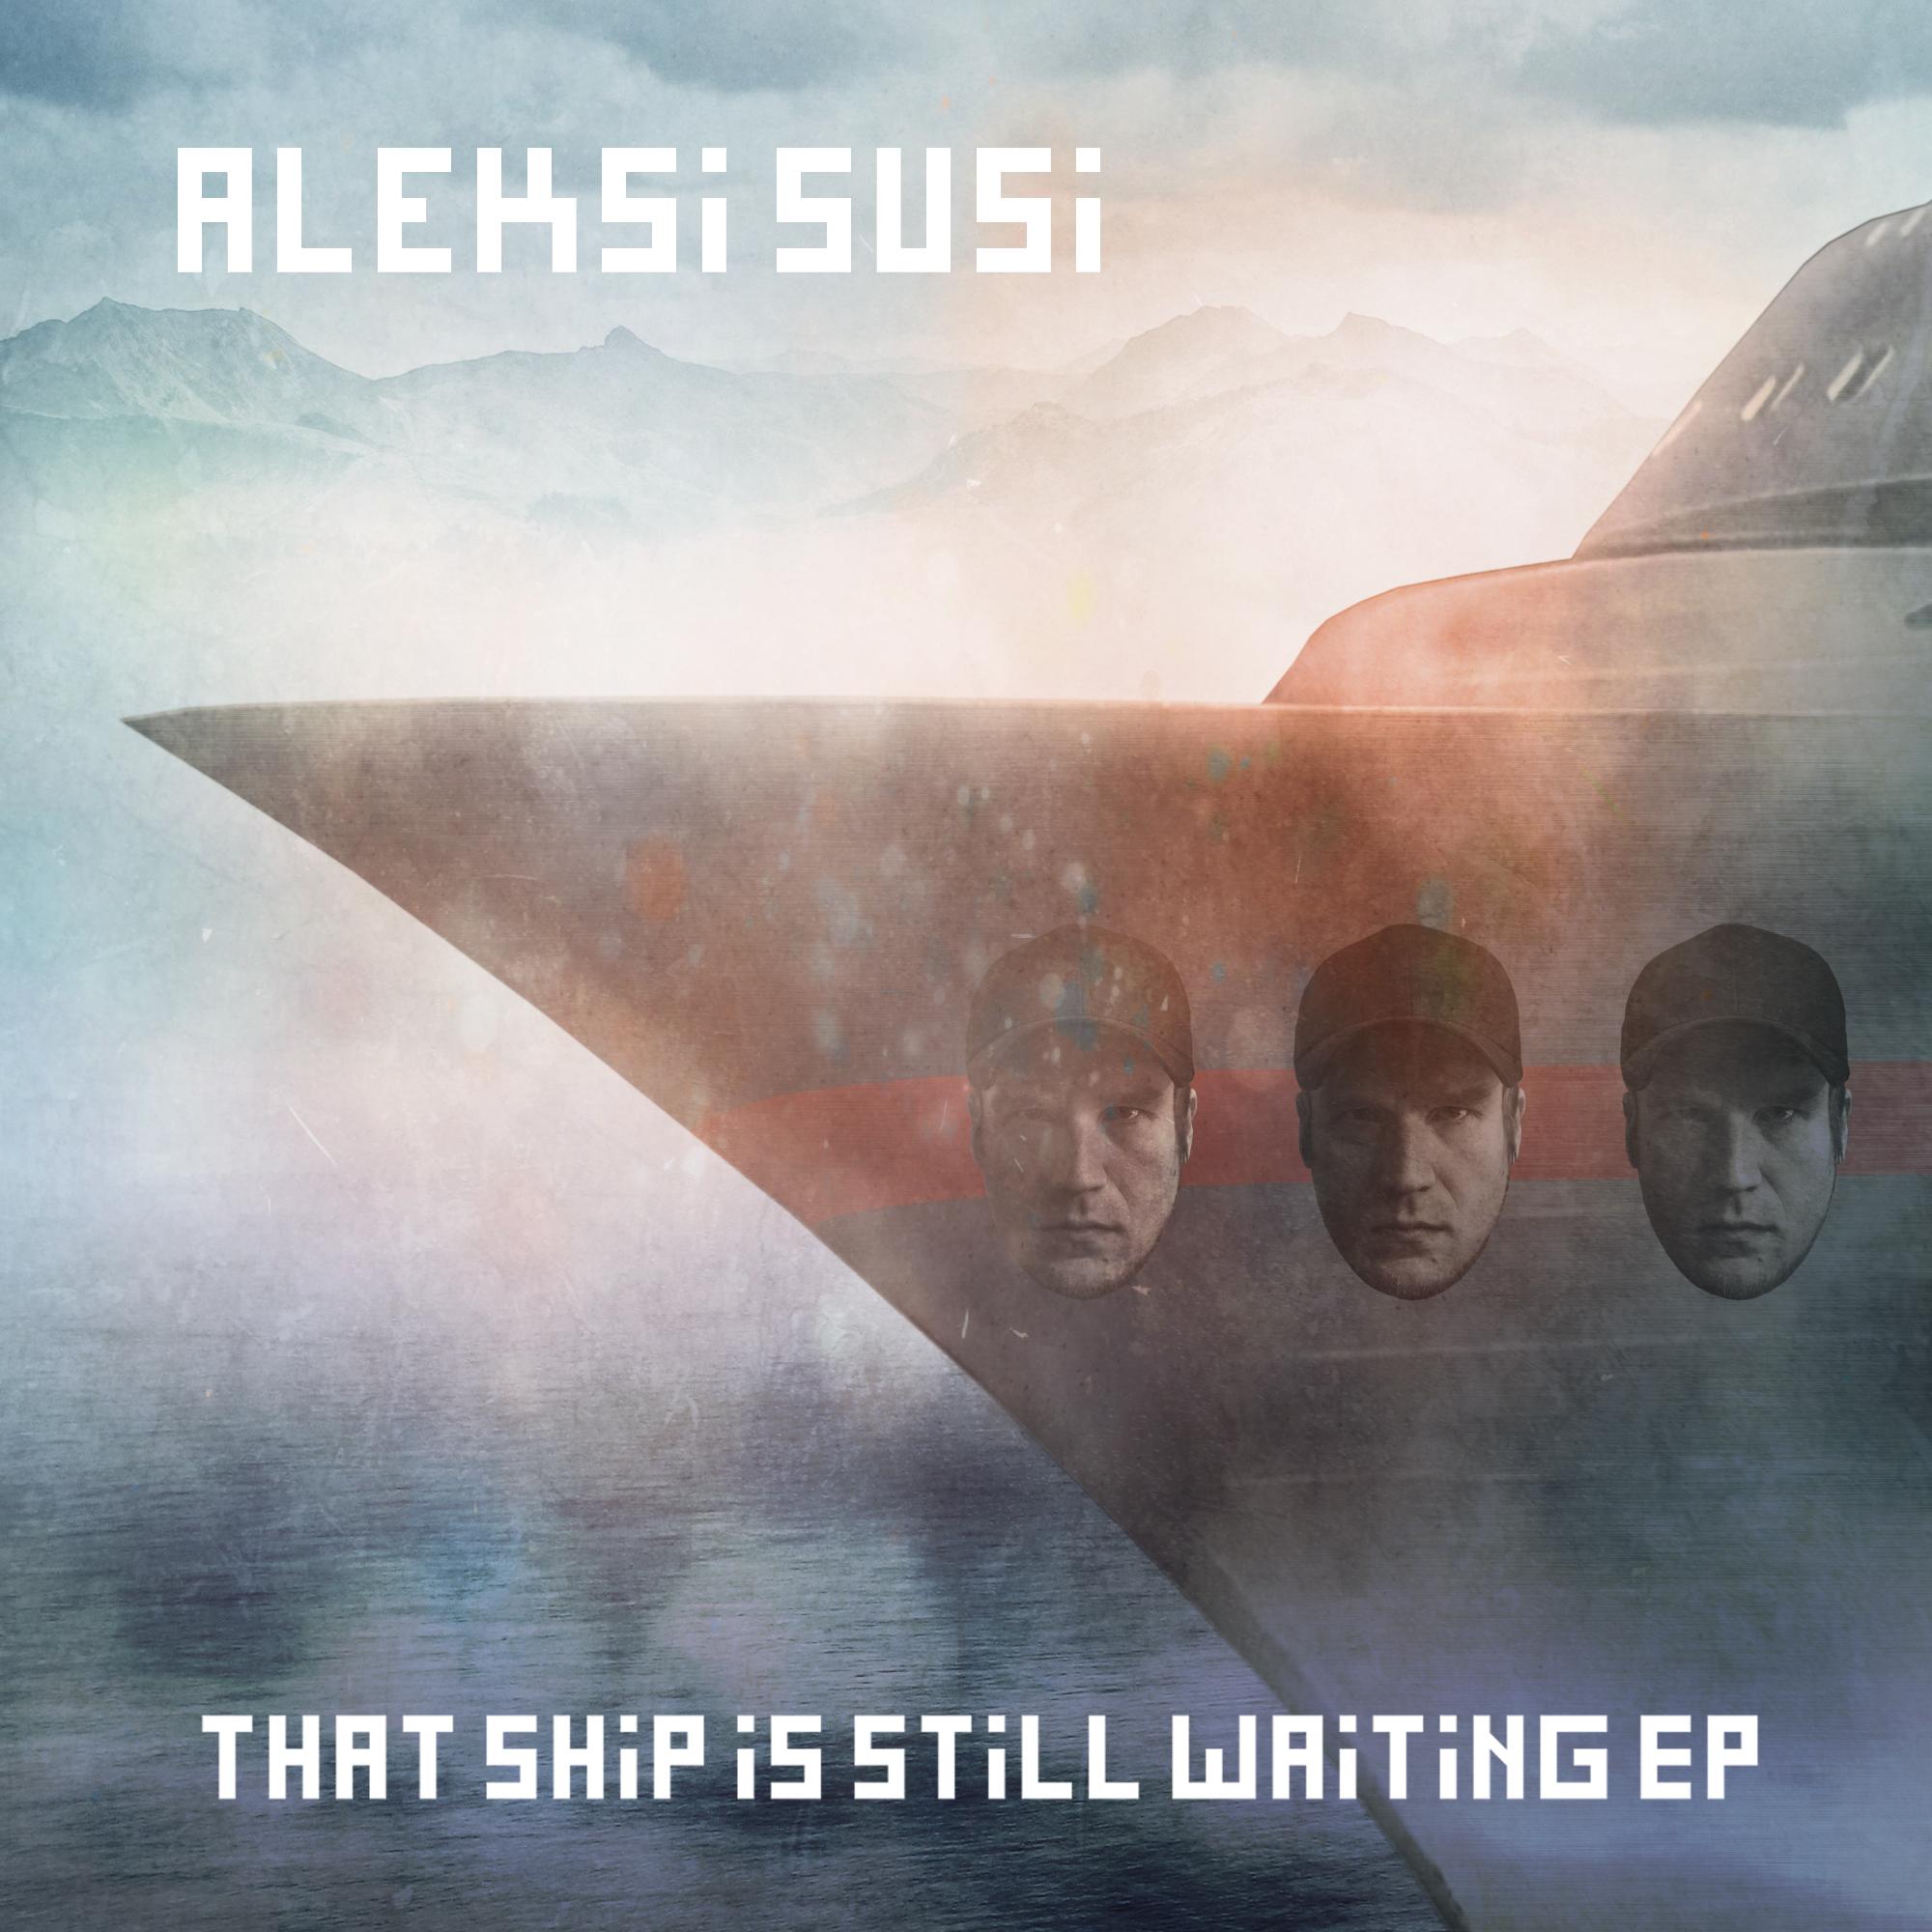 Aleksi Susi That Ship is Still Waiting Sale sulla nave del cambiamento (Review Pier-X)